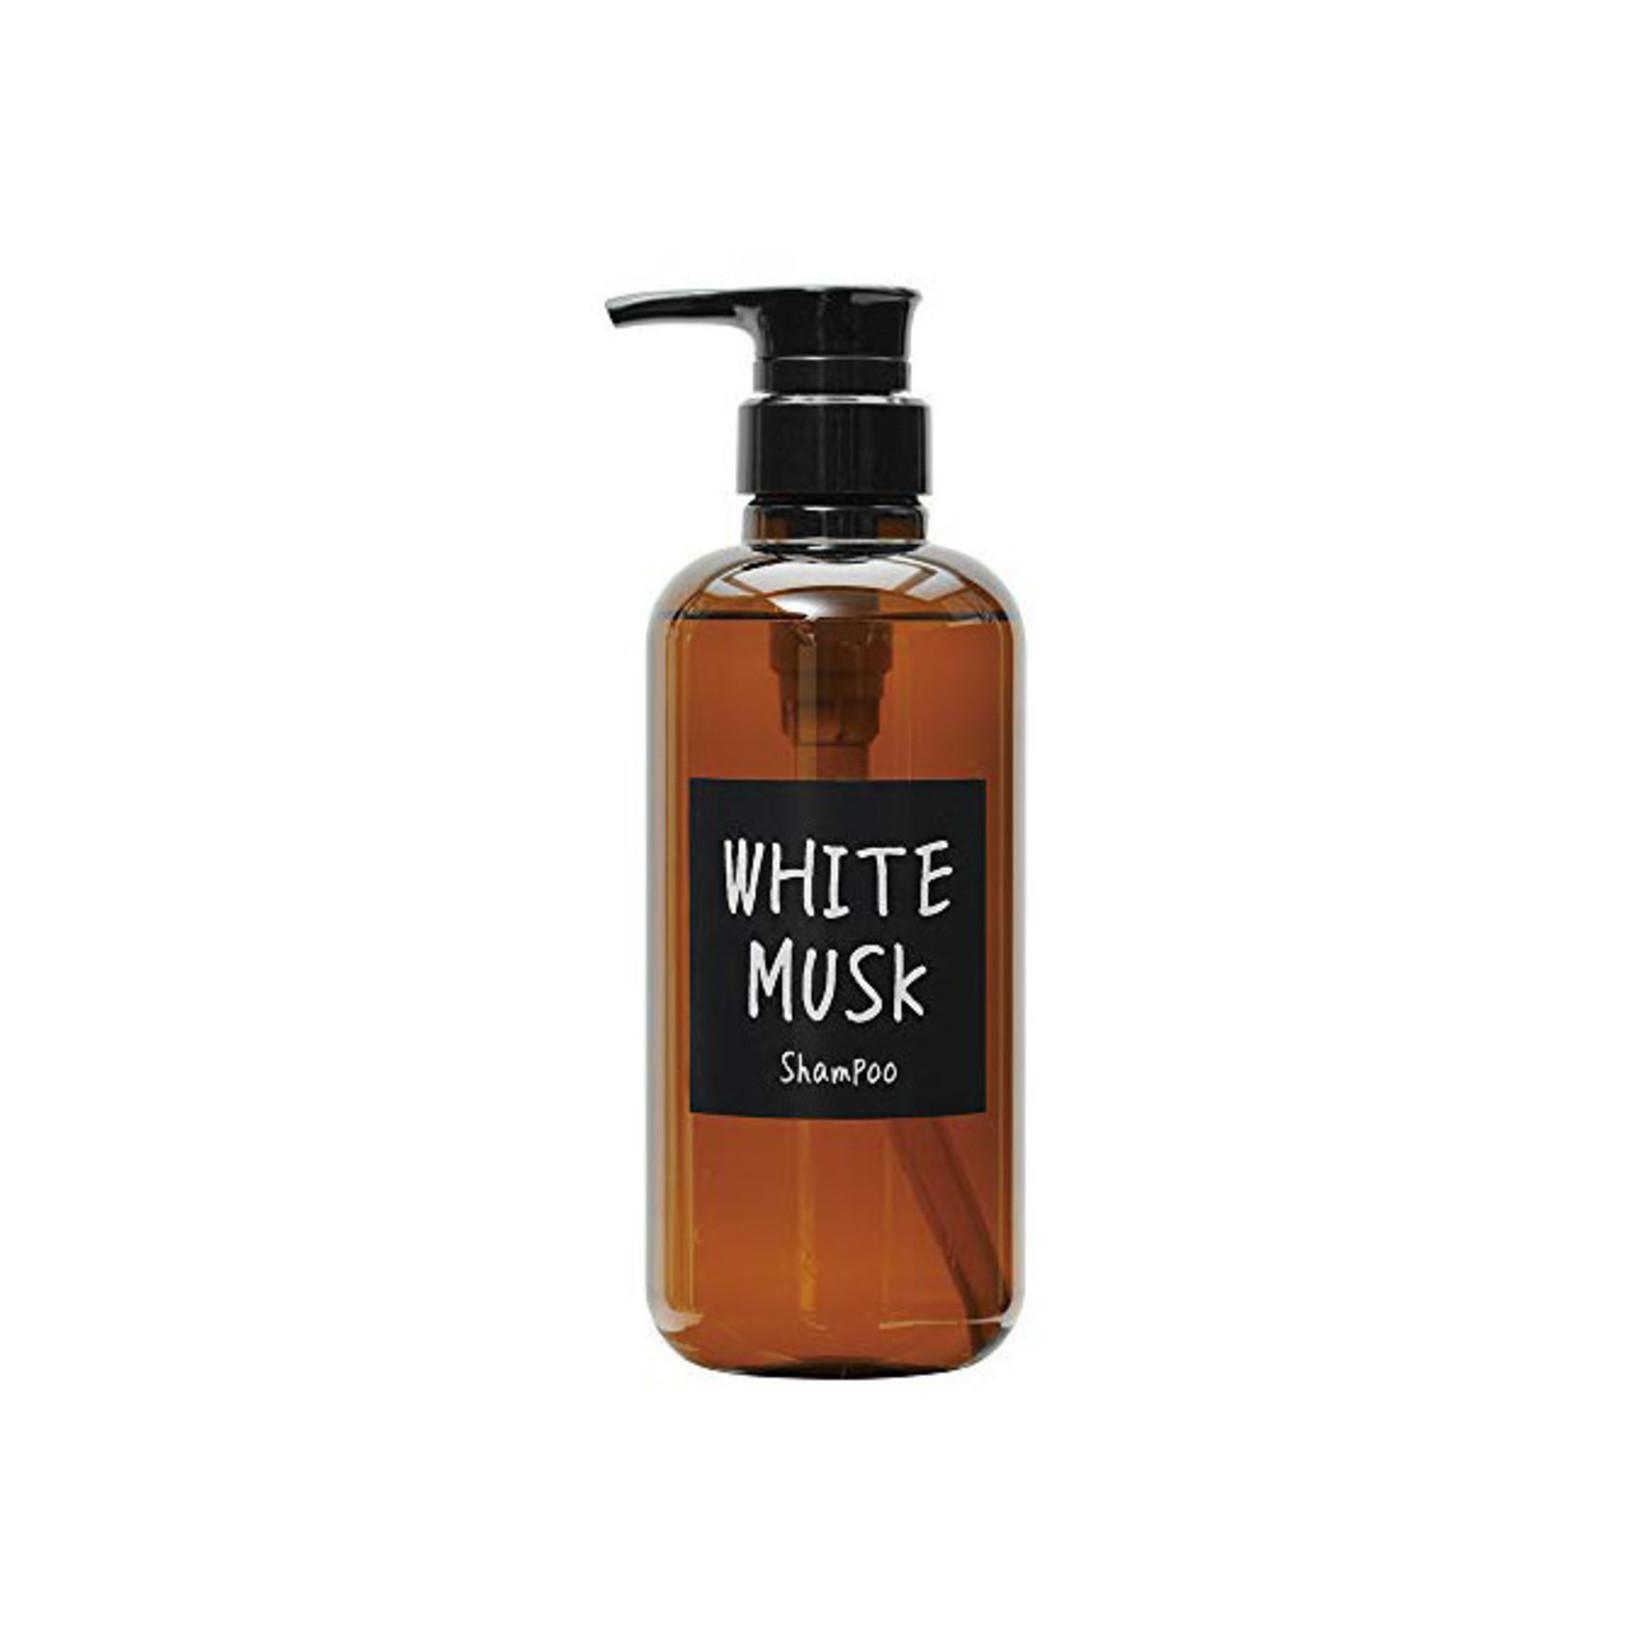 John's Blend John's Blend Shampoo - White Musk